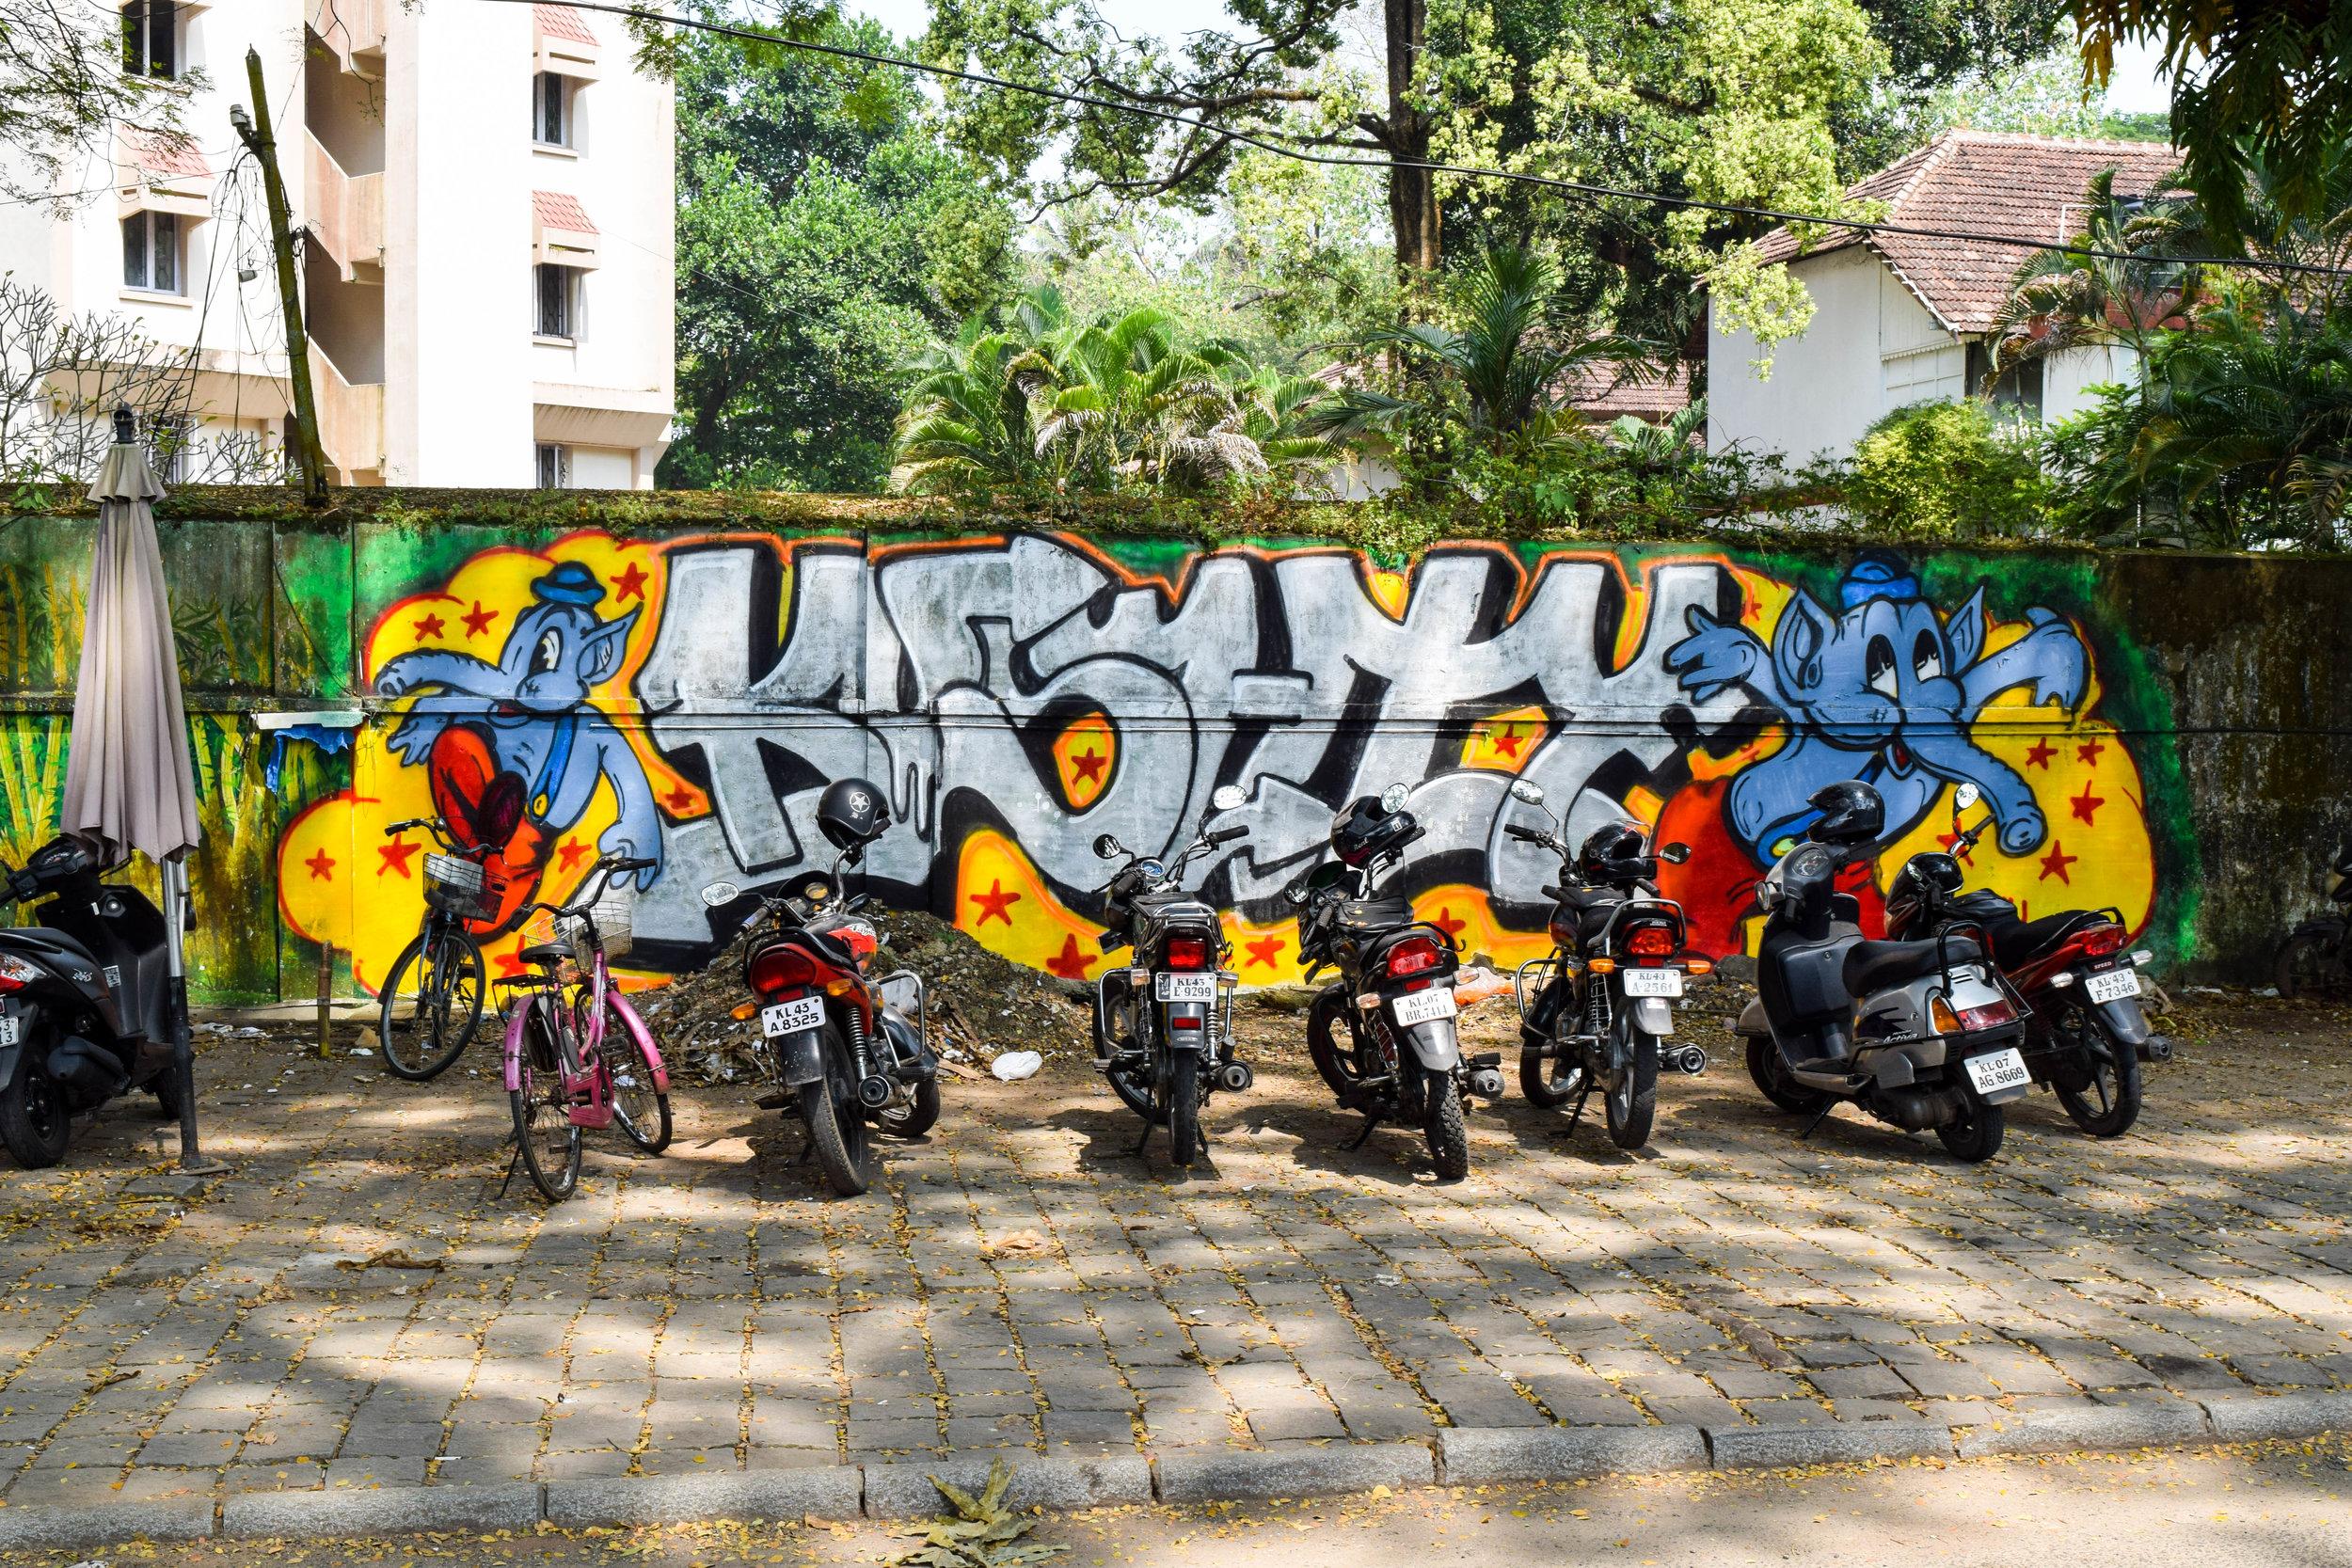 Motorbikes on motorbikes.